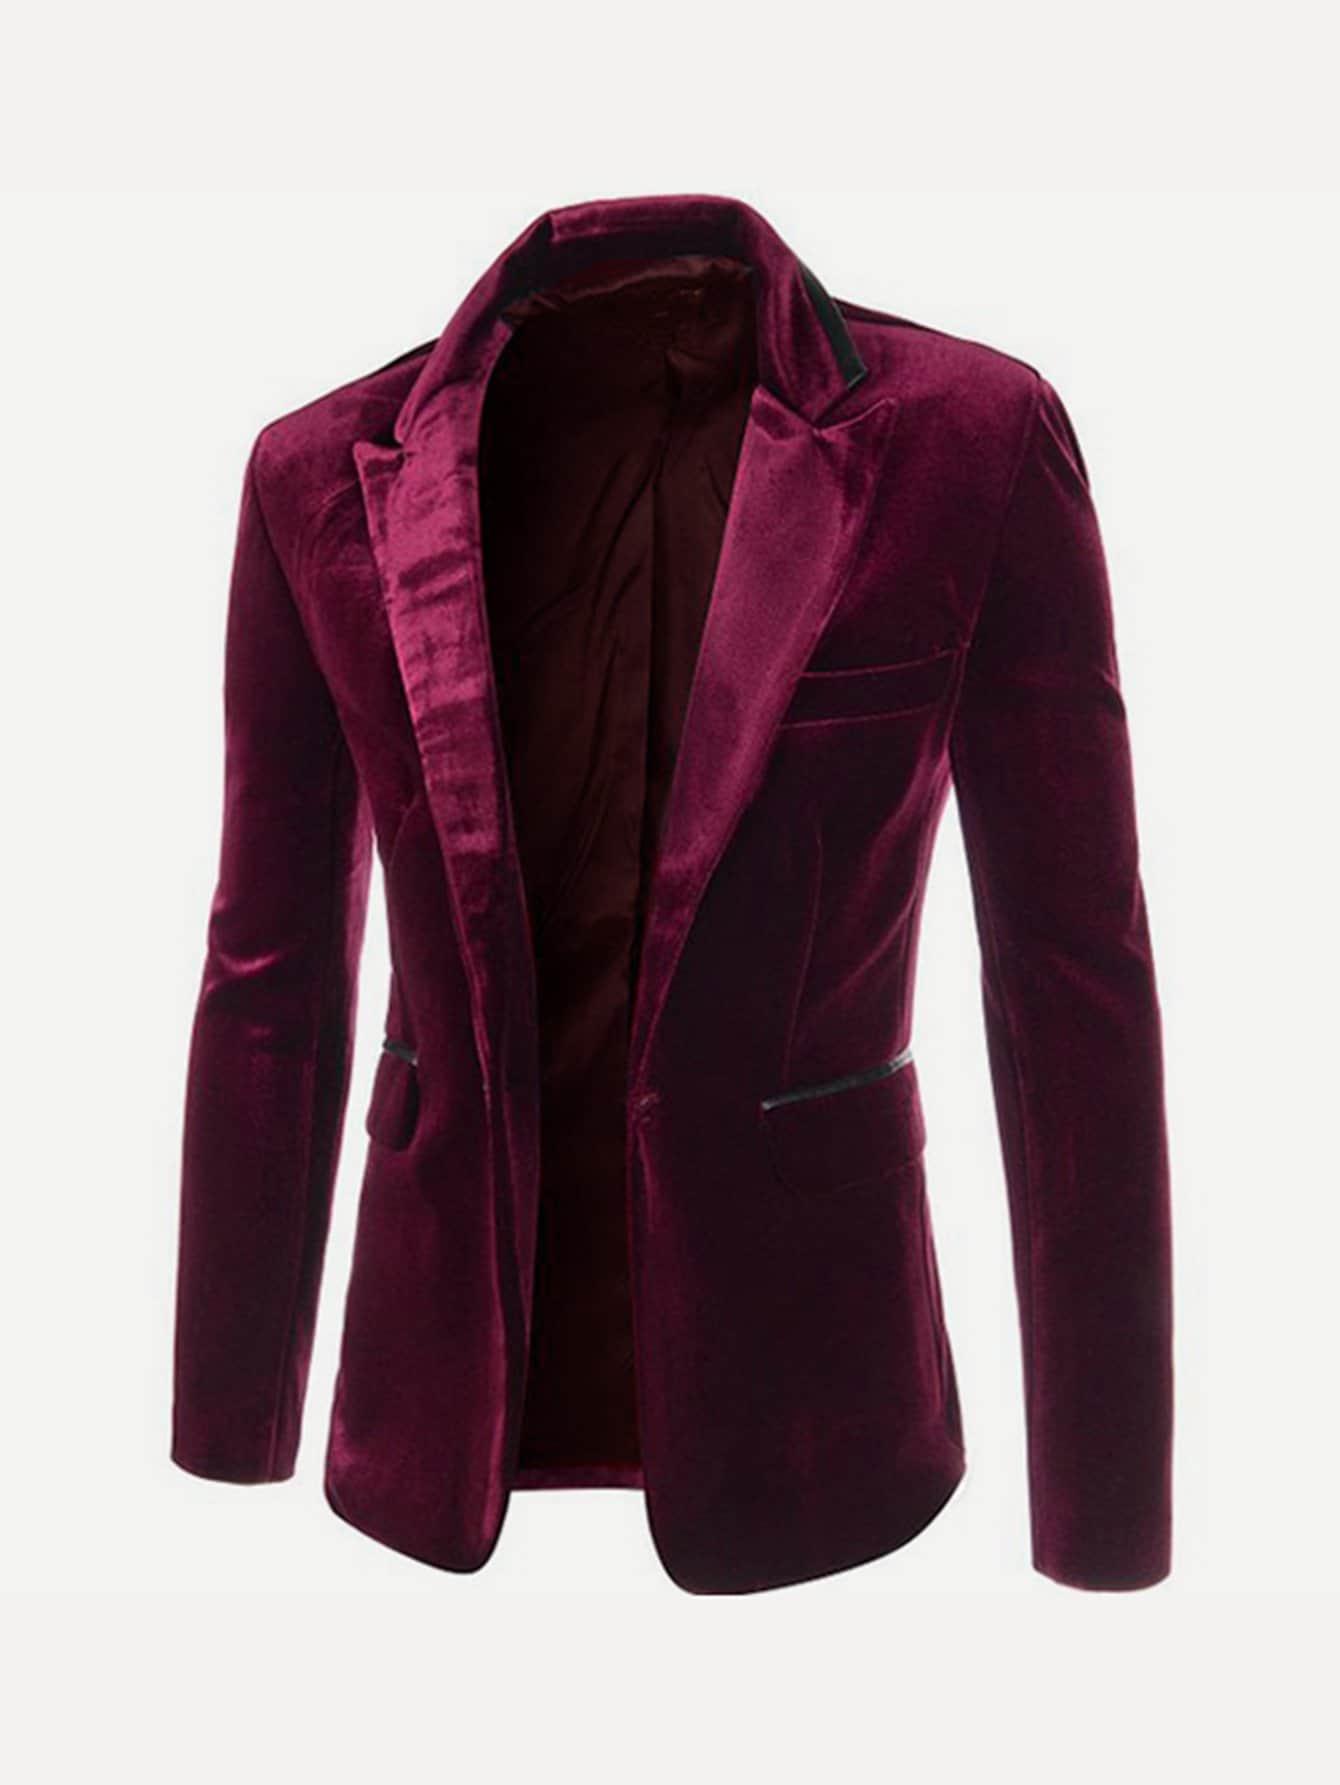 Купить Ровный цвет на пуговицах Бургундия Мужские блейзеры, null, SheIn